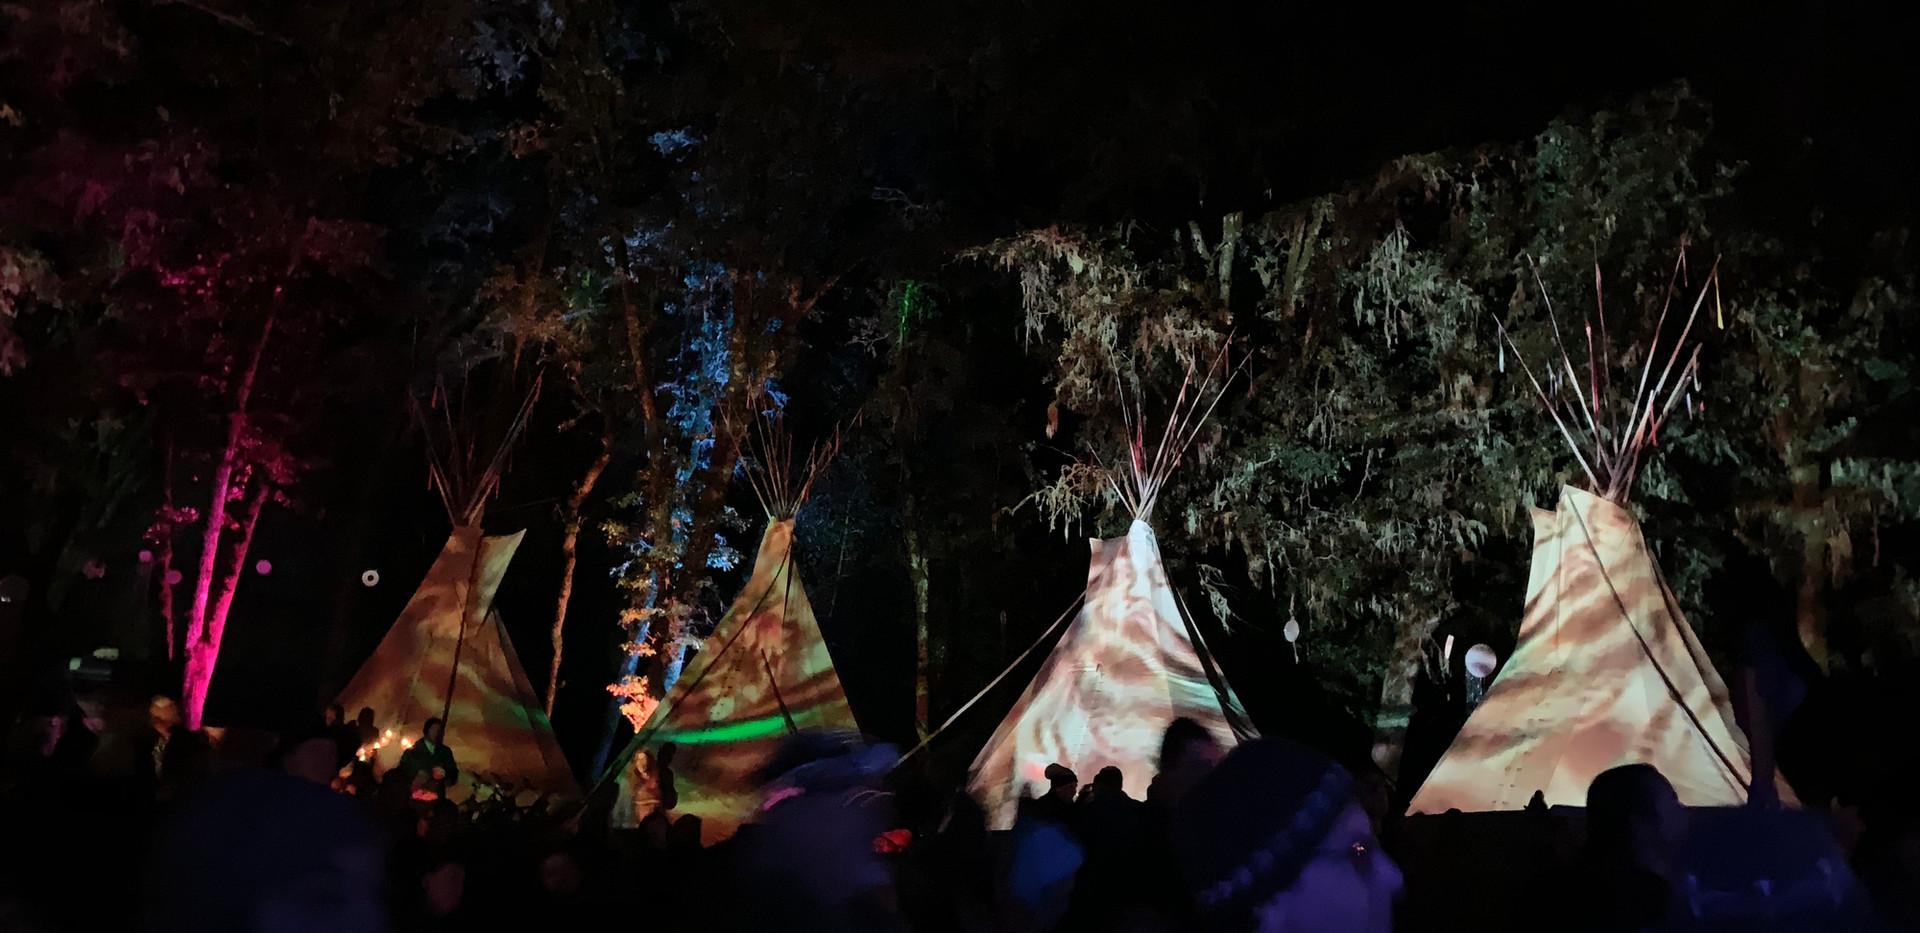 Tipi lightshow